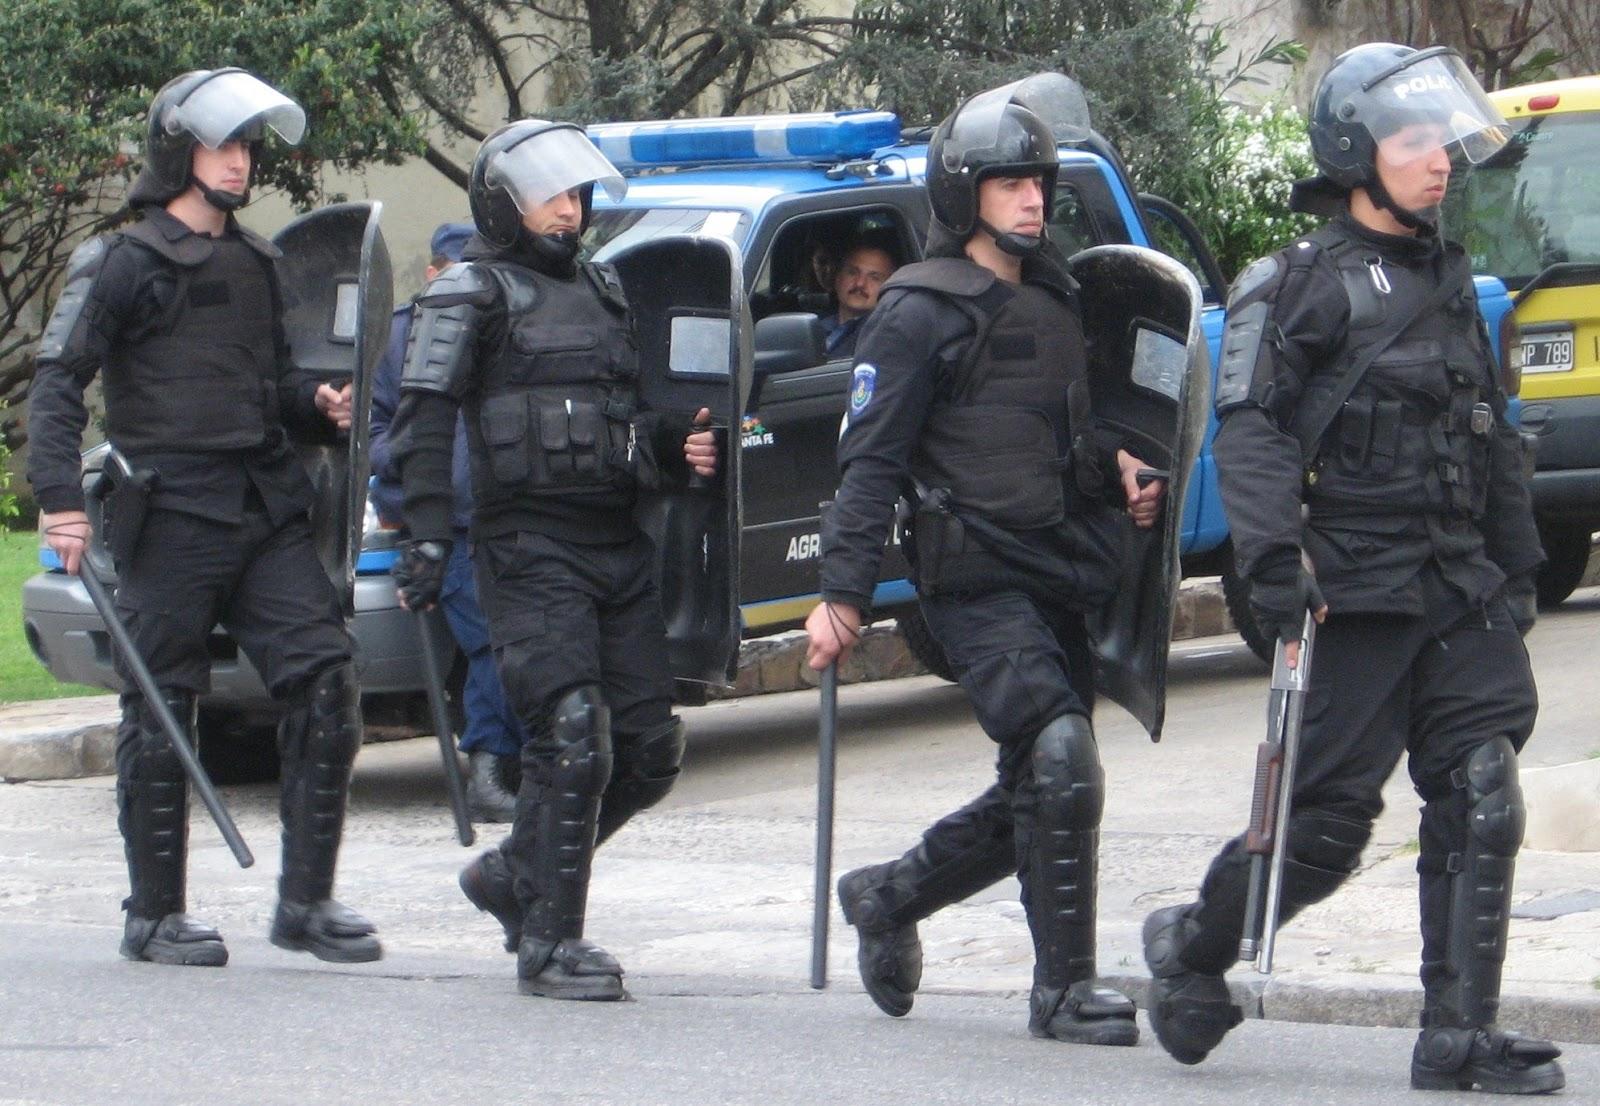 La Policía Federal podrá escuchar conversaciones telefónicas